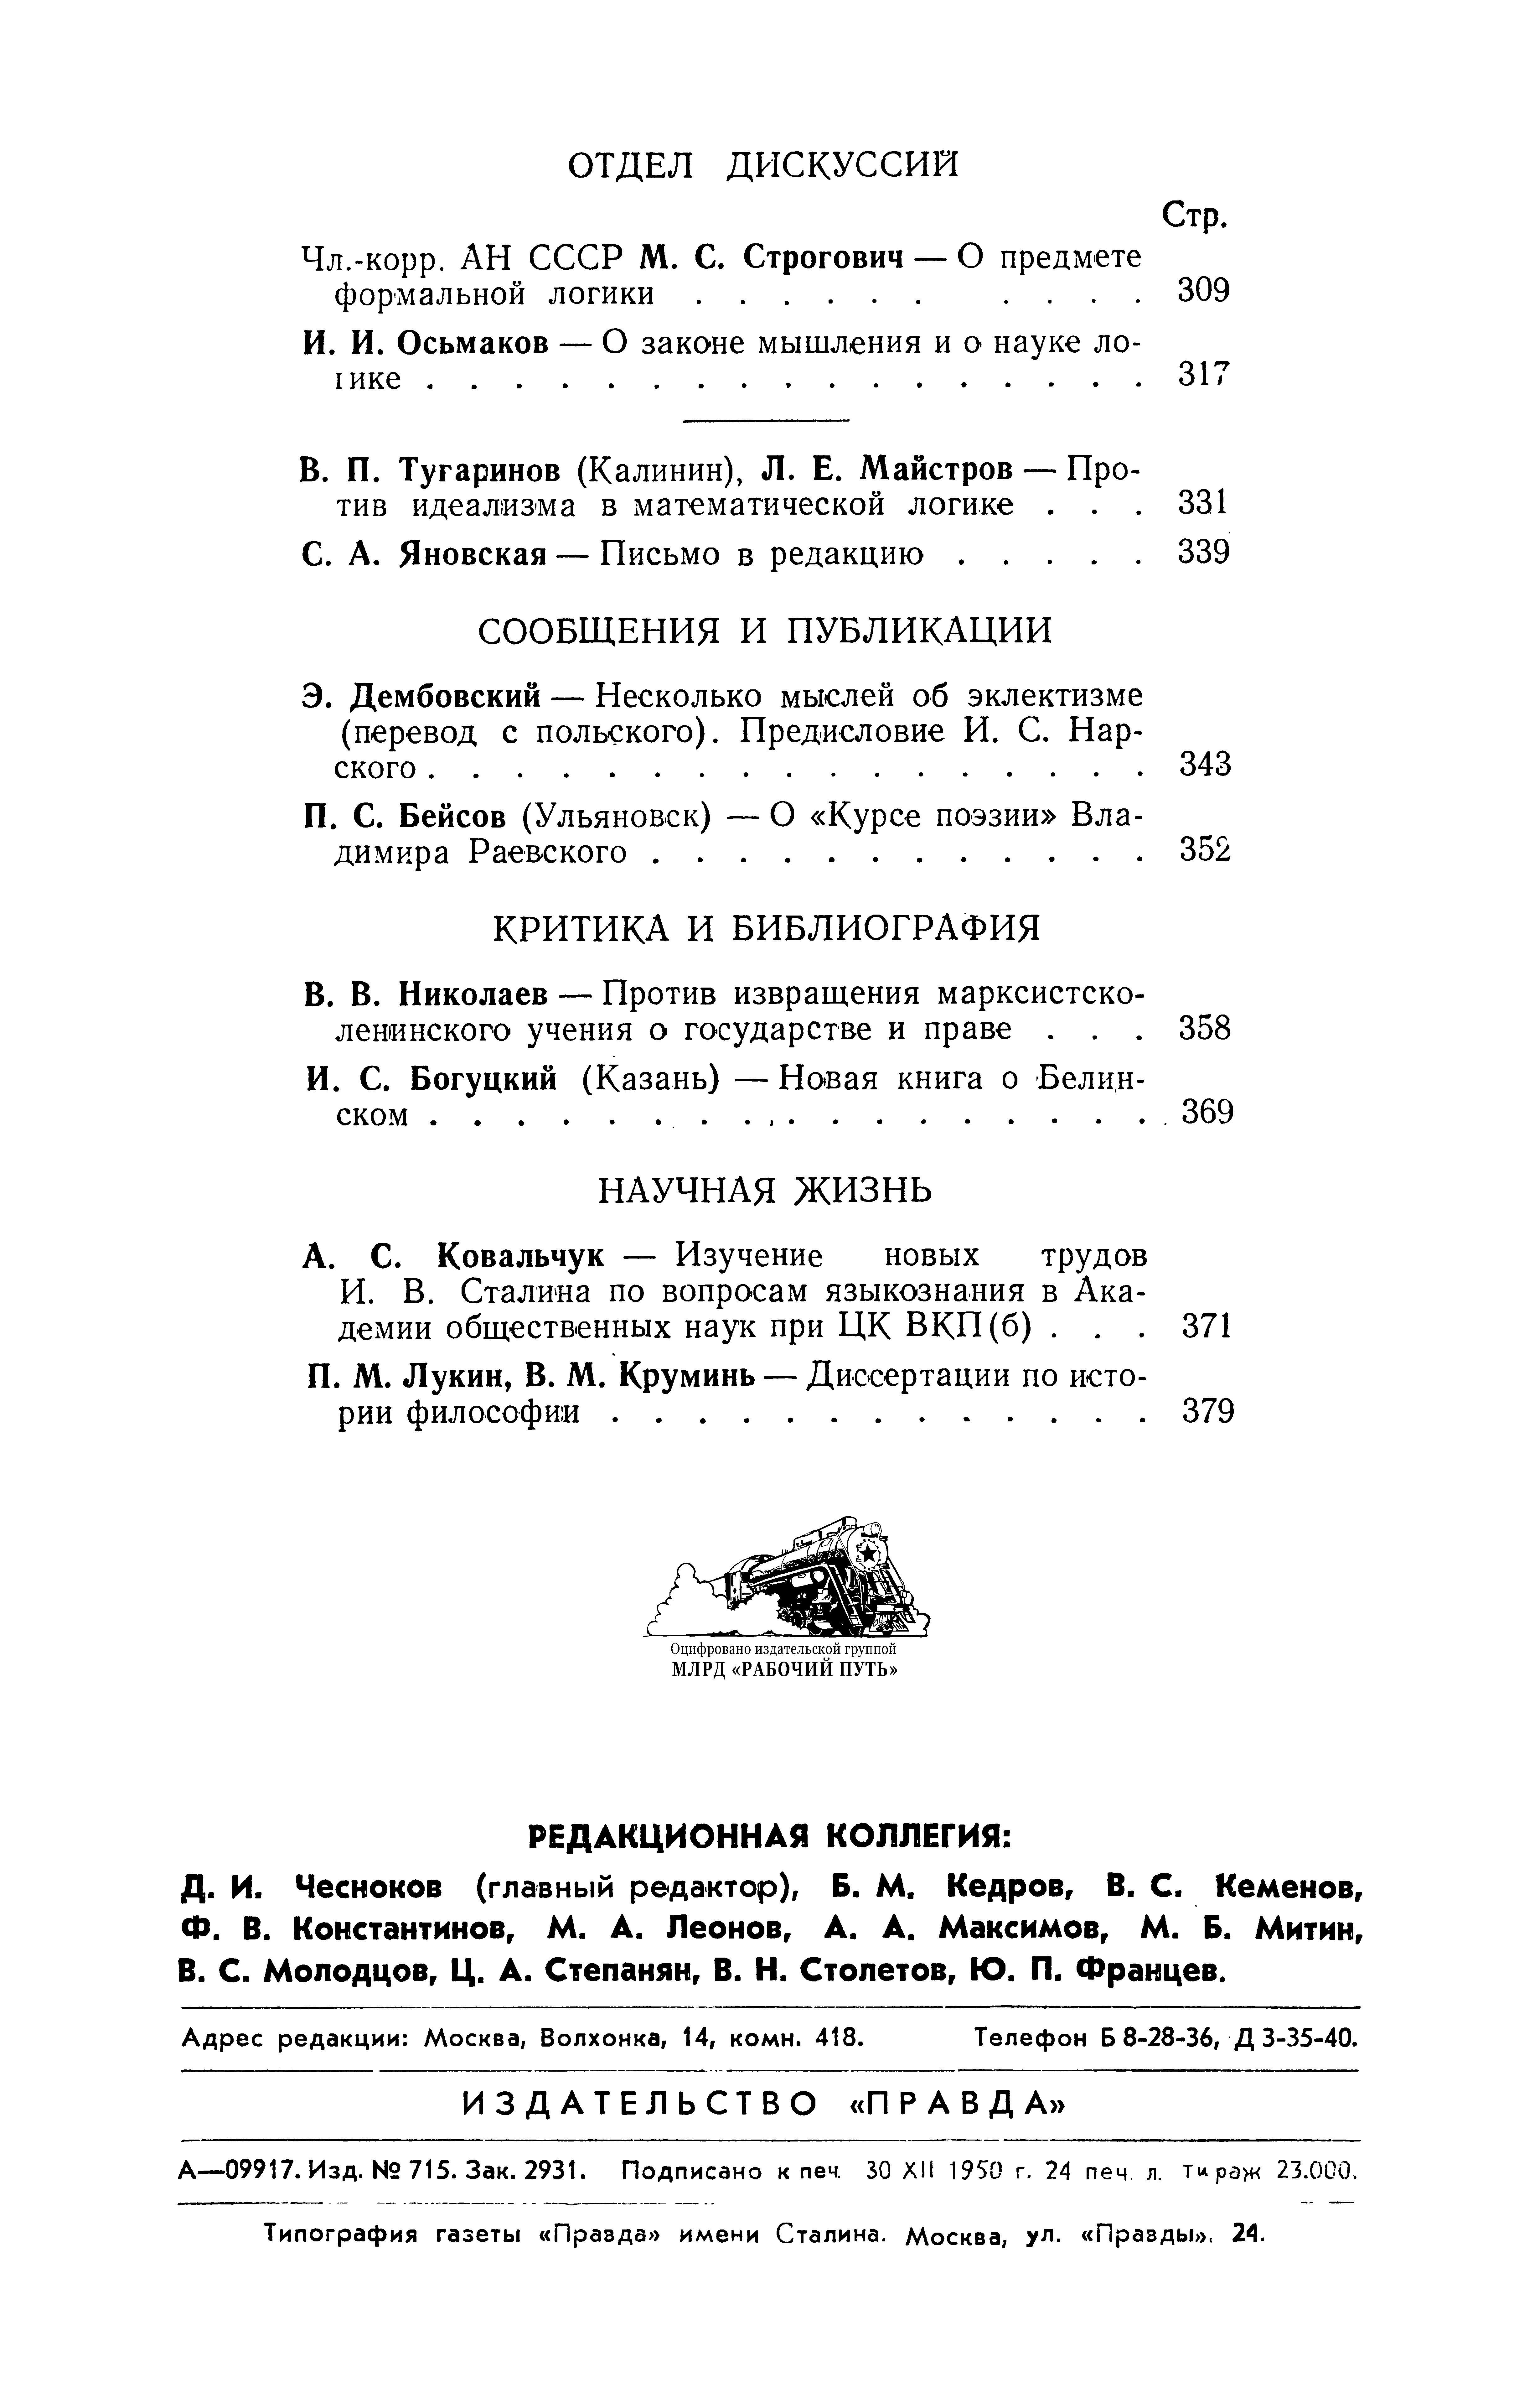 Вопросы_философии, 3-1950_388